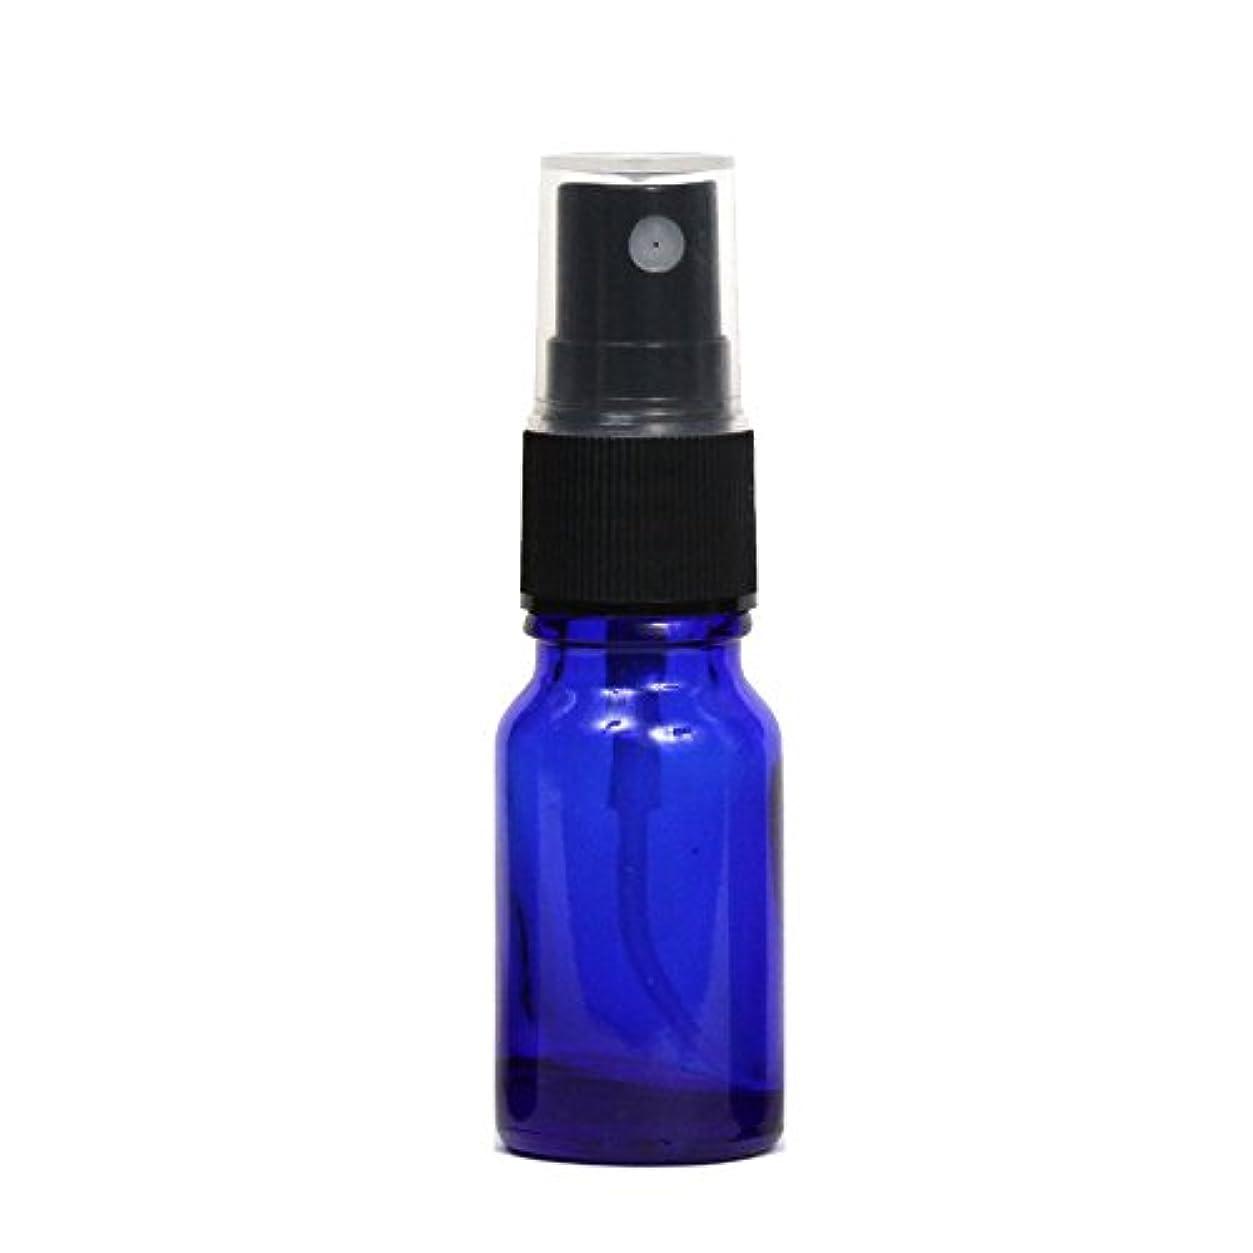 選択するパース植物学者スプレーボトル ガラス瓶 10mL 遮光性ブルー ガラスアトマイザー 空容器